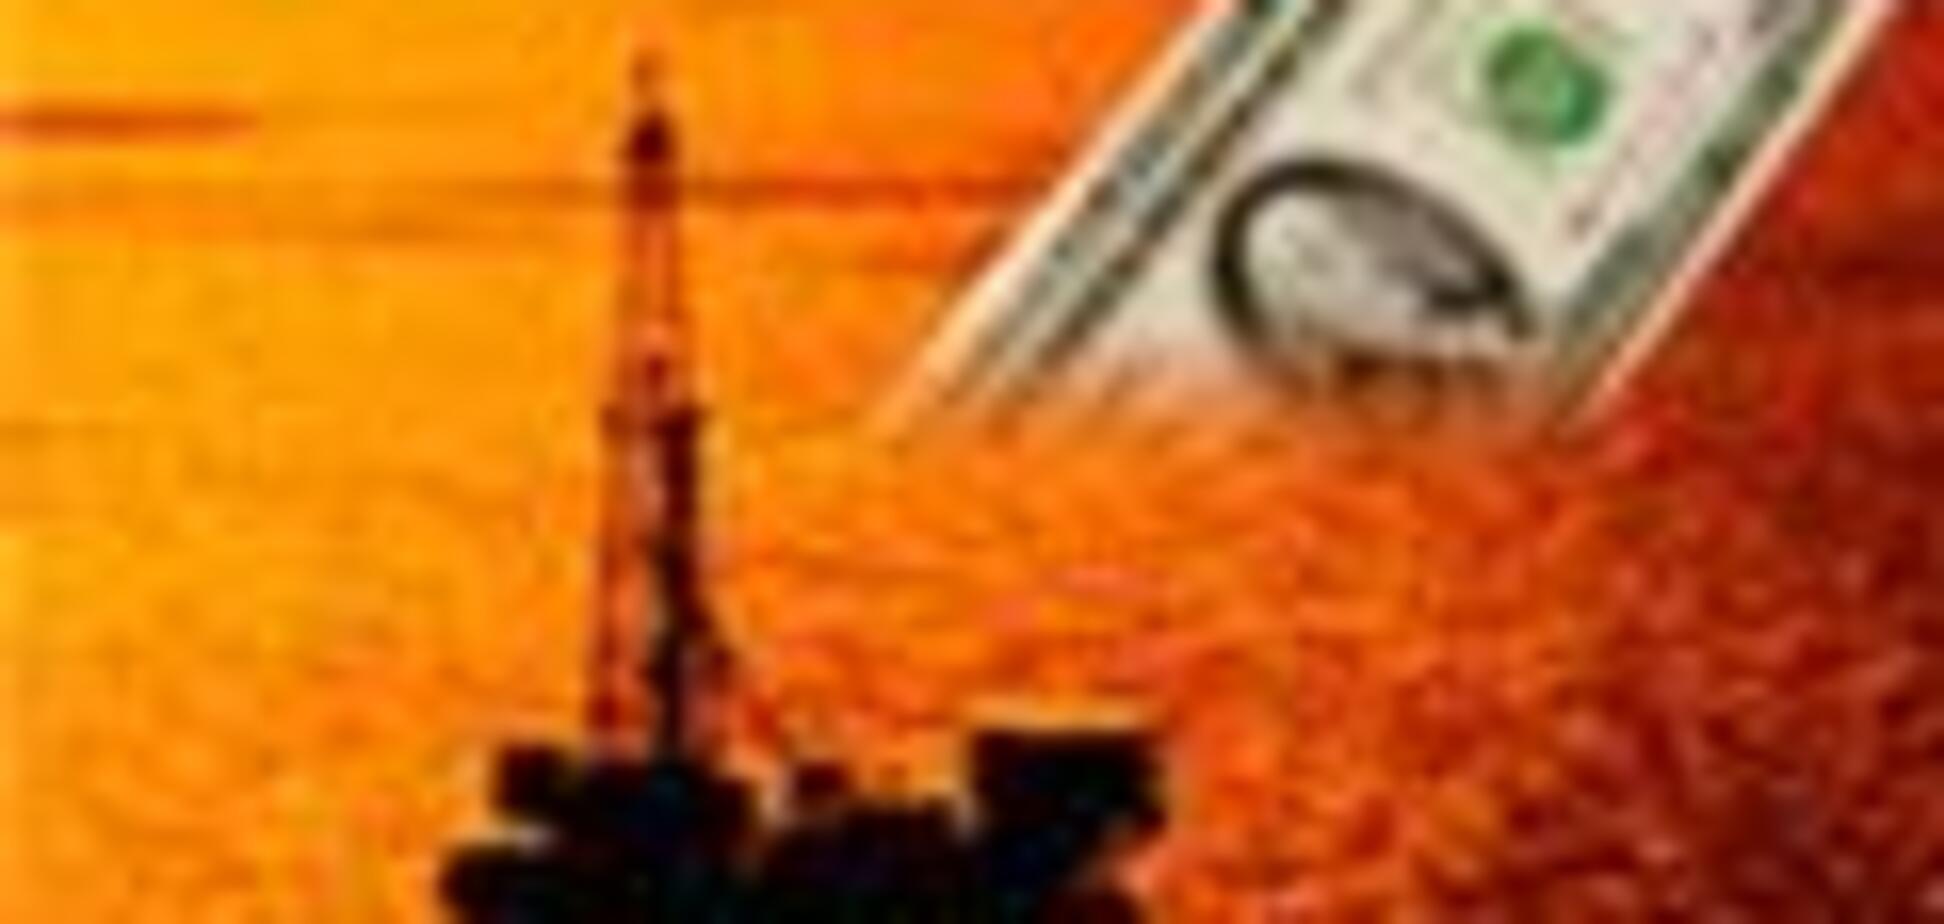 'Нафтогаз' має претензії до акцій 'Укртатнафти'